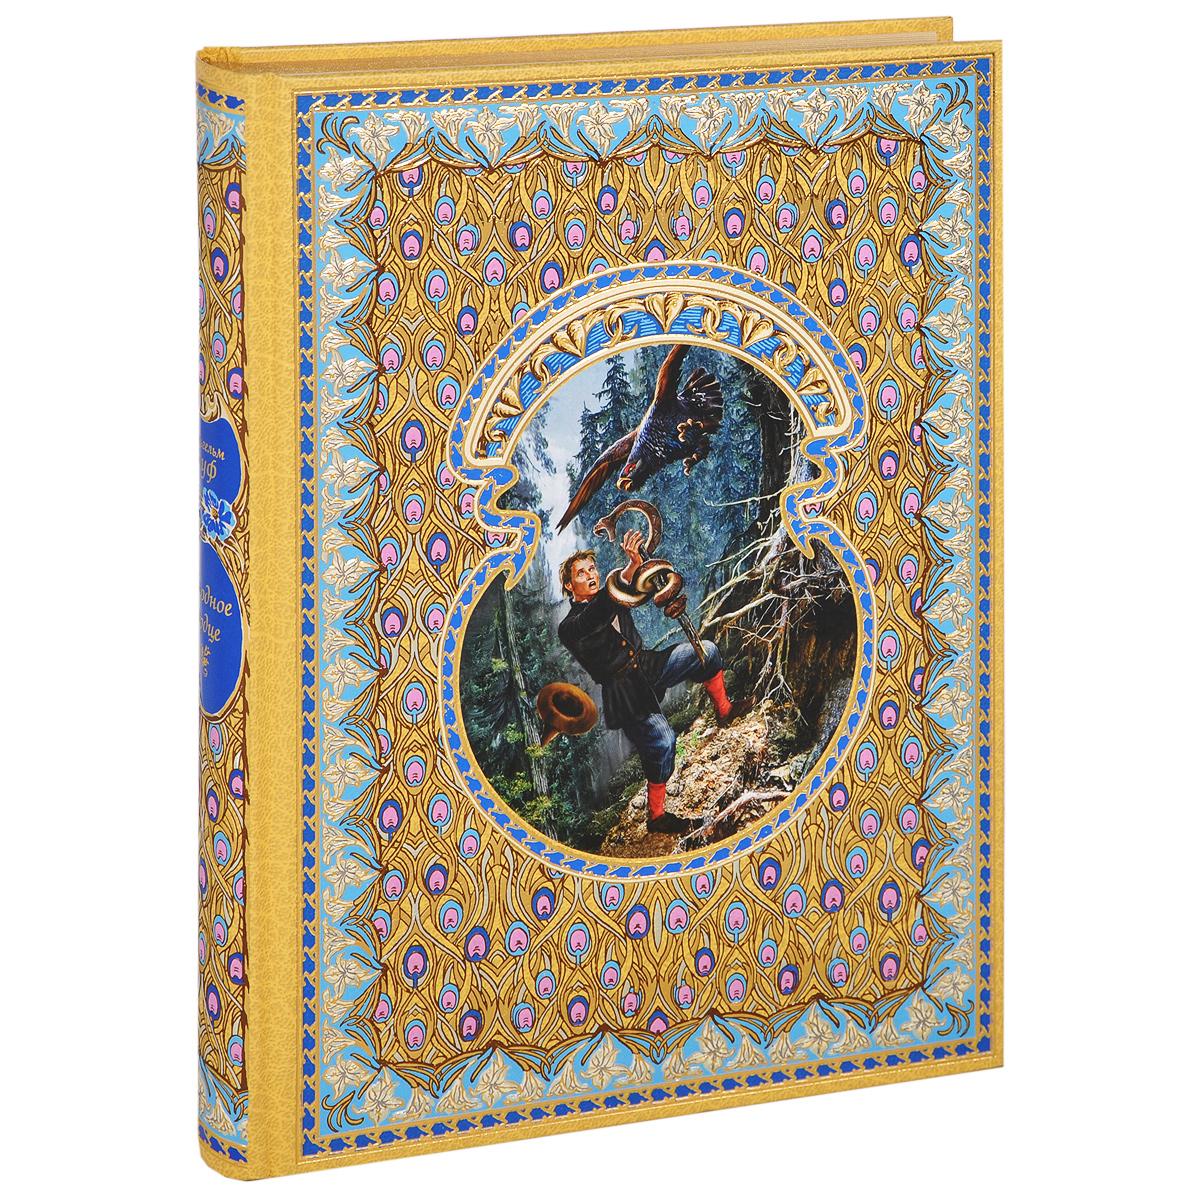 Вильгельм Гауф Холодное сердце (подарочное издание) лесные сказки подарочное издание 3 dvd